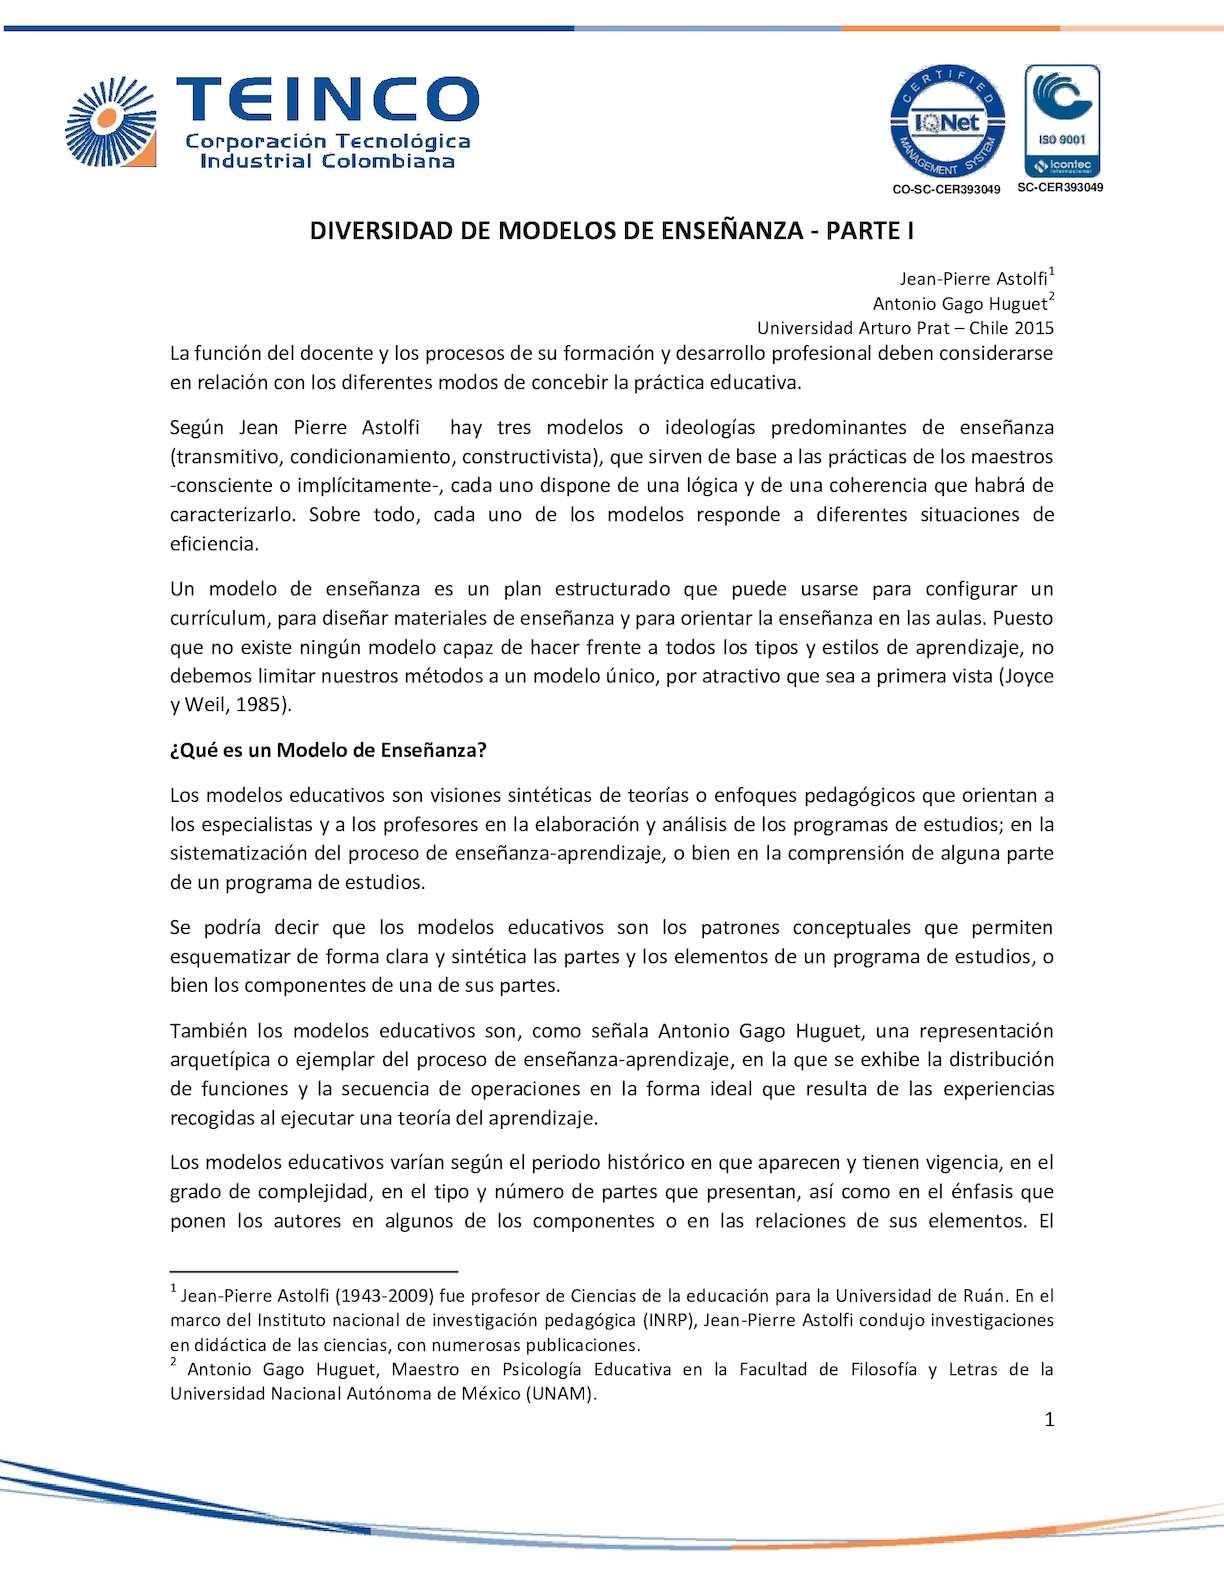 Calaméo - Documento Diversidad Modelos Enseñanza 1